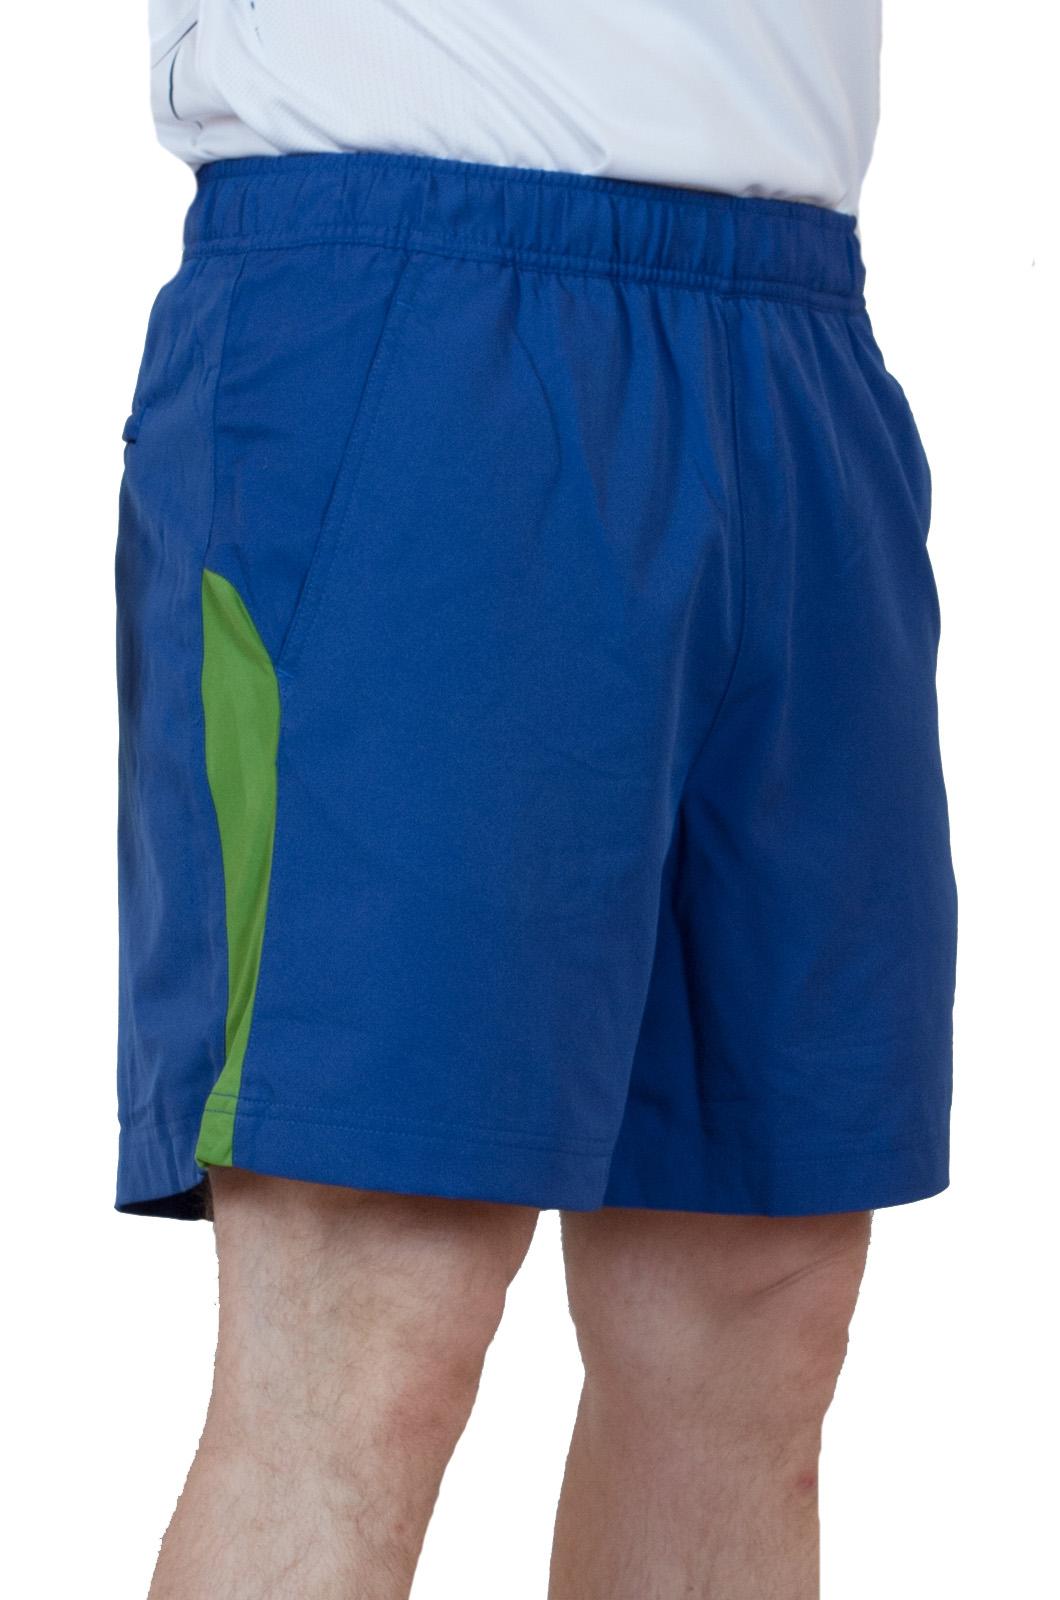 Теннисные шорты для мужчин - вид сбоку